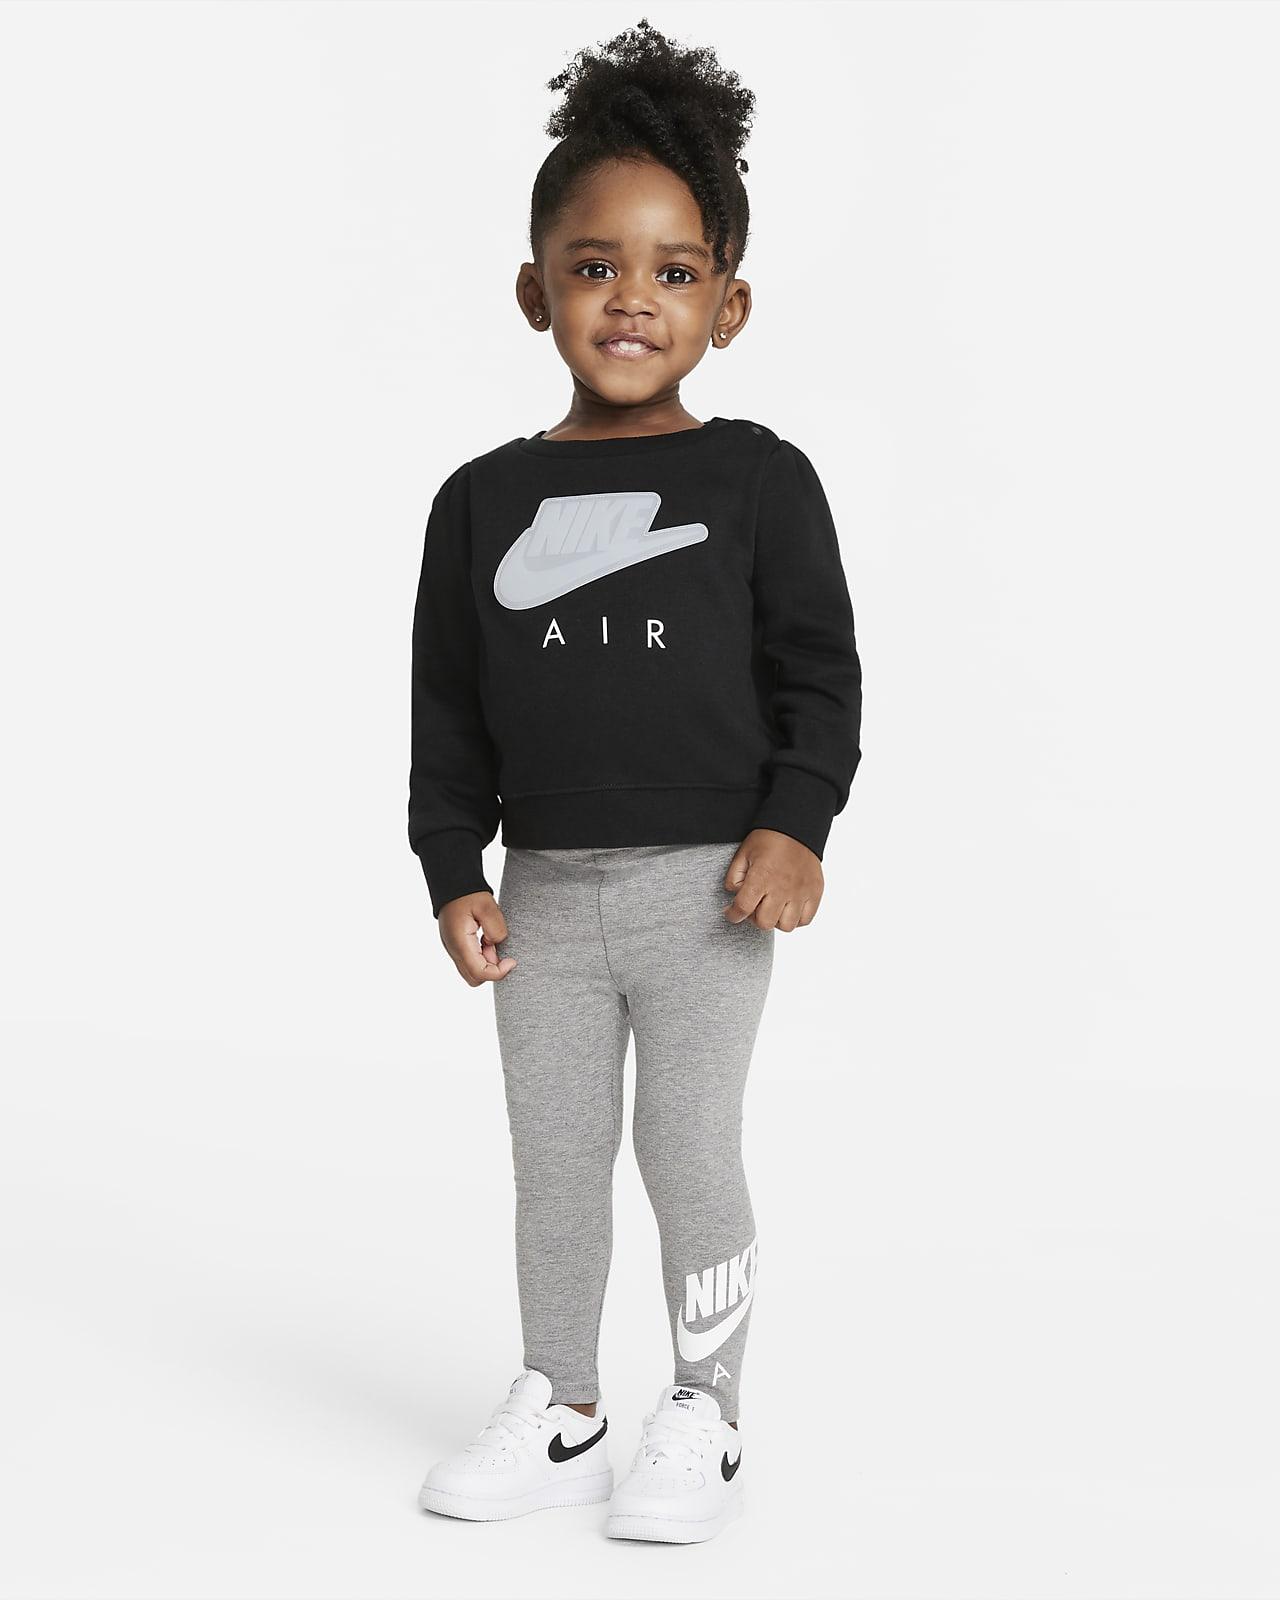 Nike Air Baby (12-24M) Crew and Leggings Set